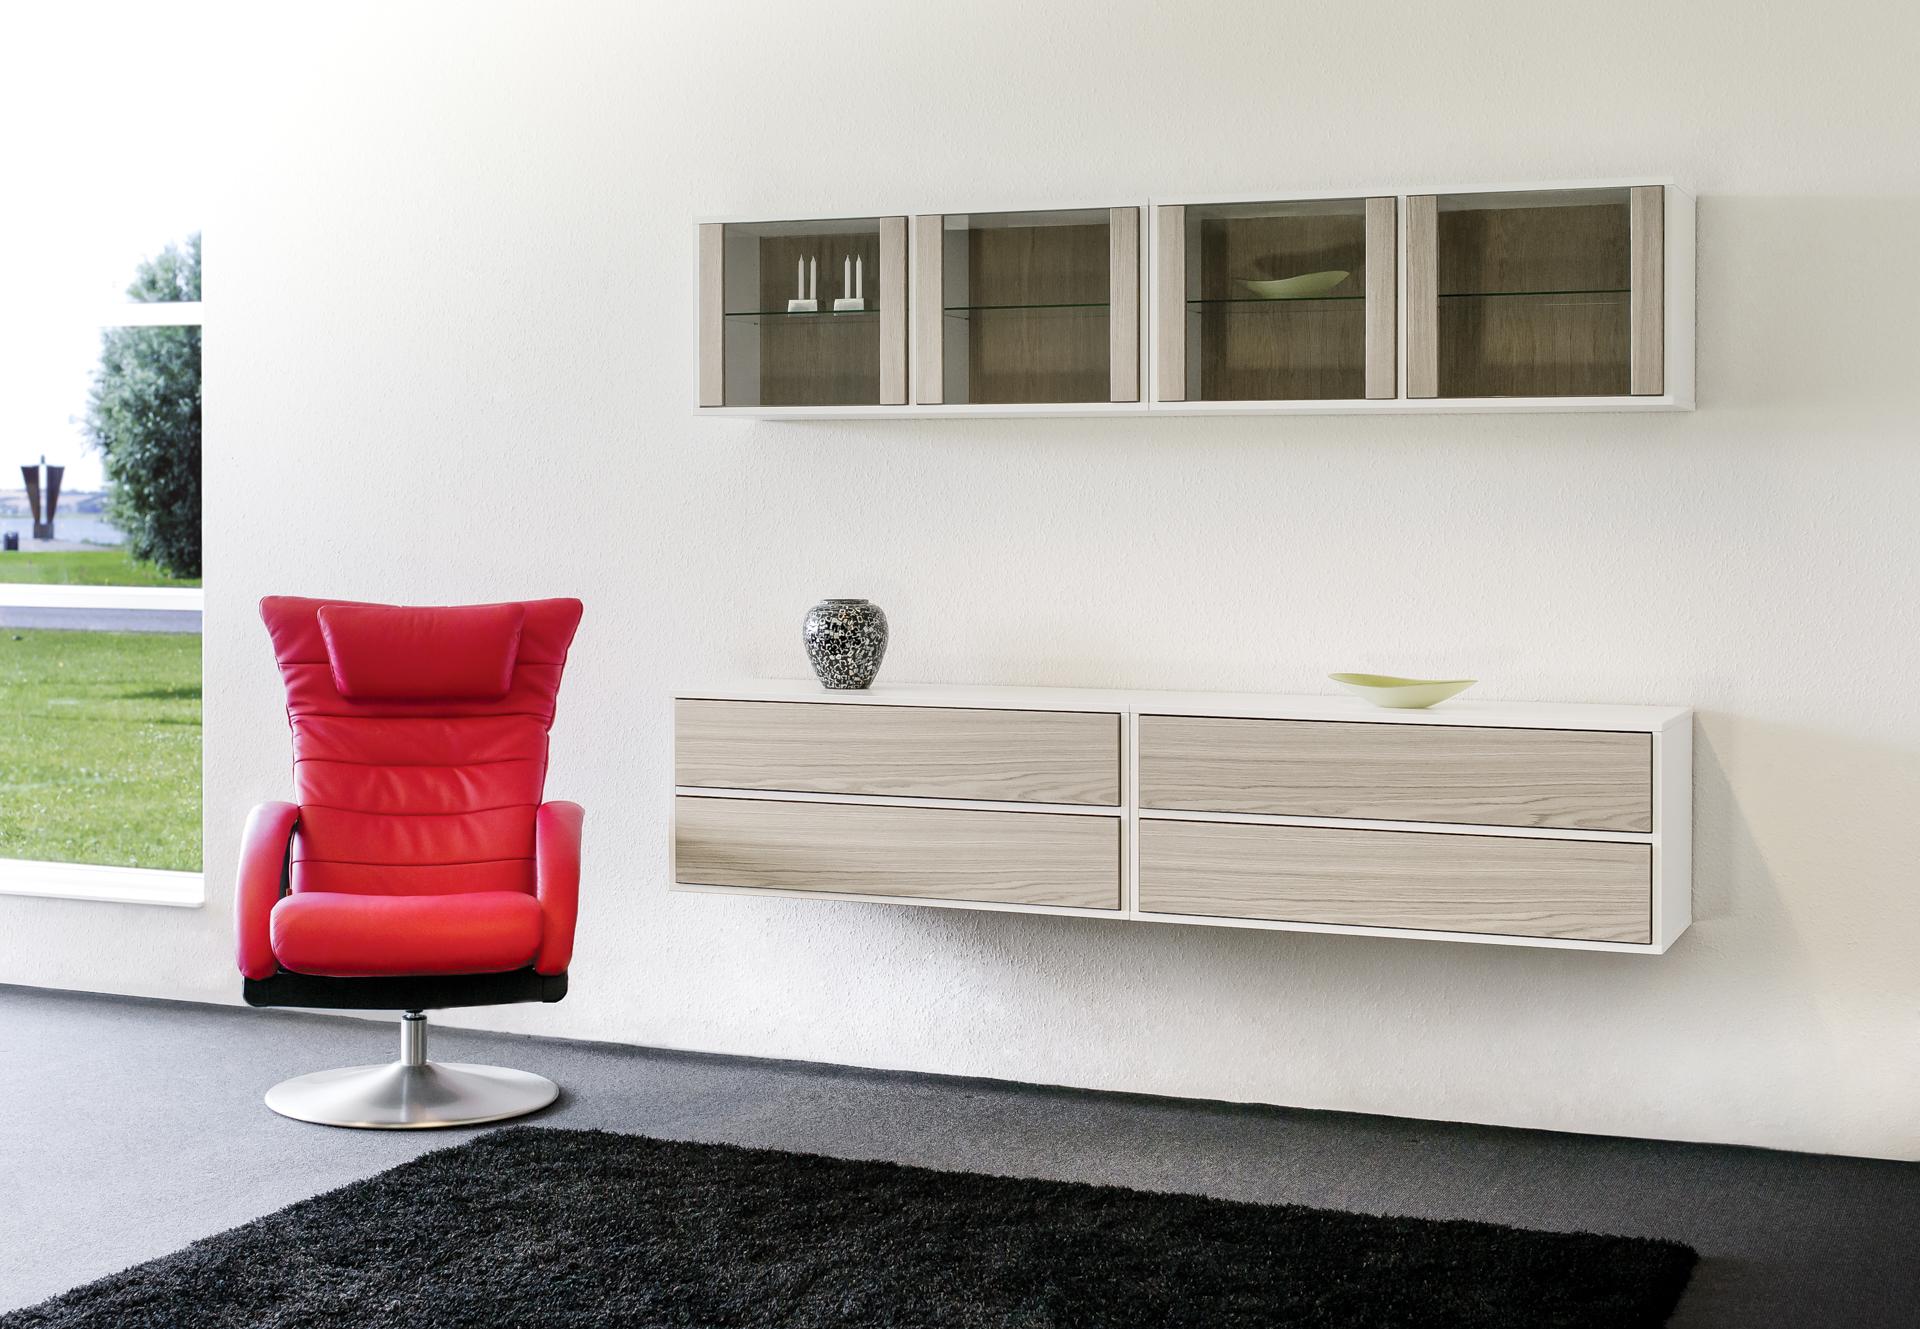 Avanceret Reol 3027 - Serie 3000 reoler - Klim Furniture A/S WC44